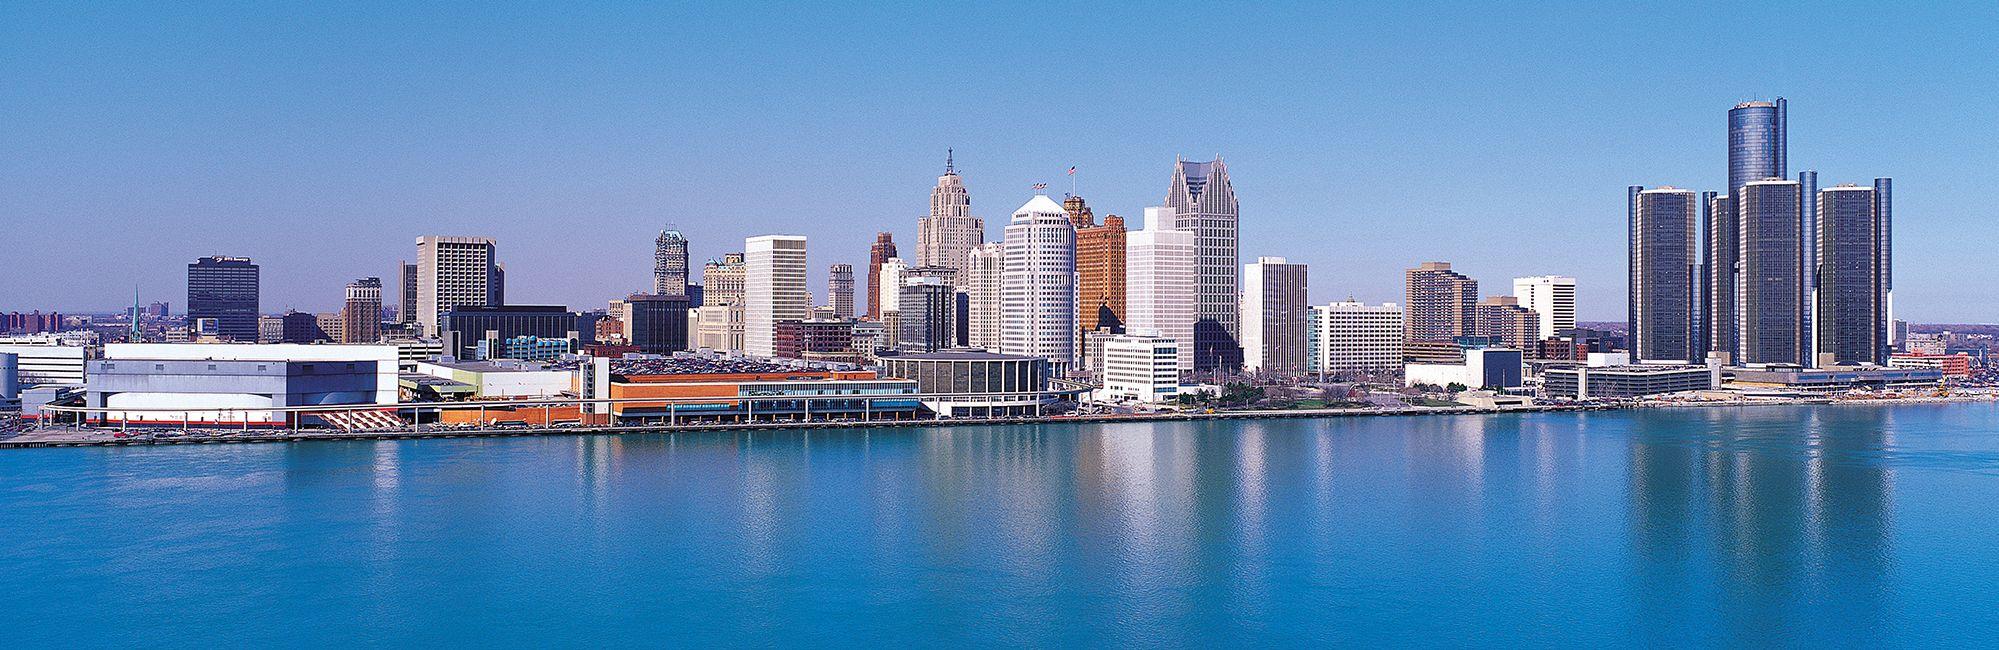 Blick auf die Skyline von Detroit